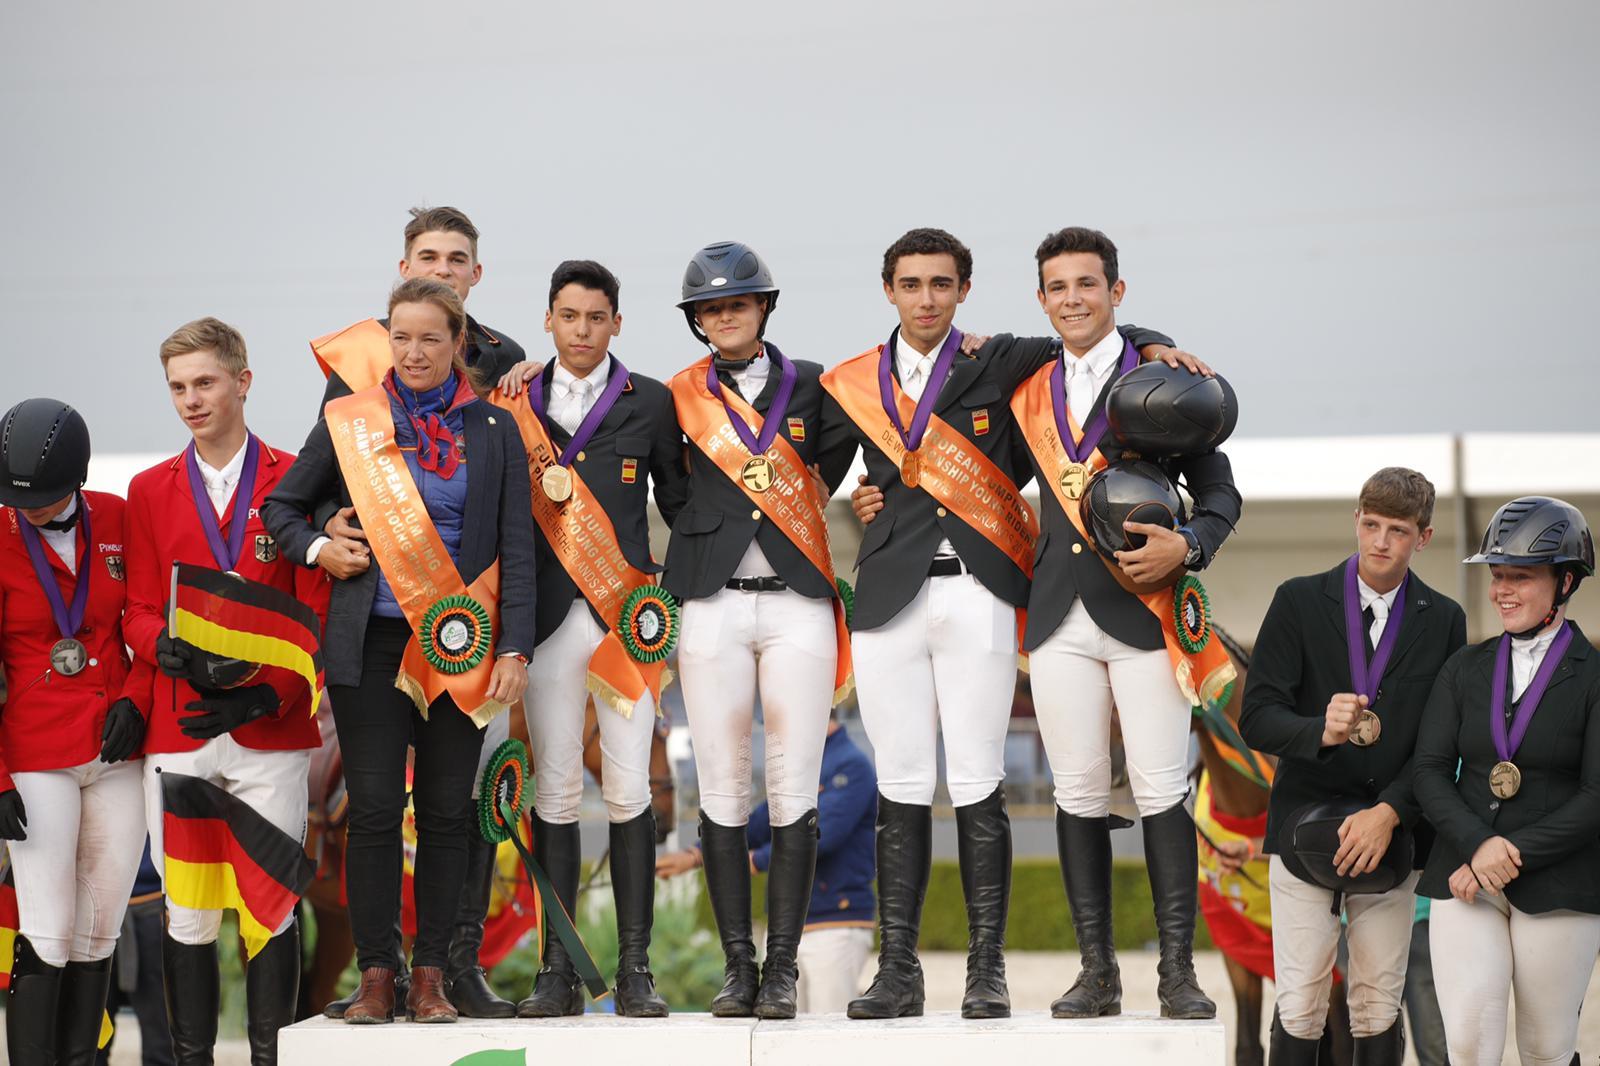 Saltos Cto Europa Junior 2019 medalla